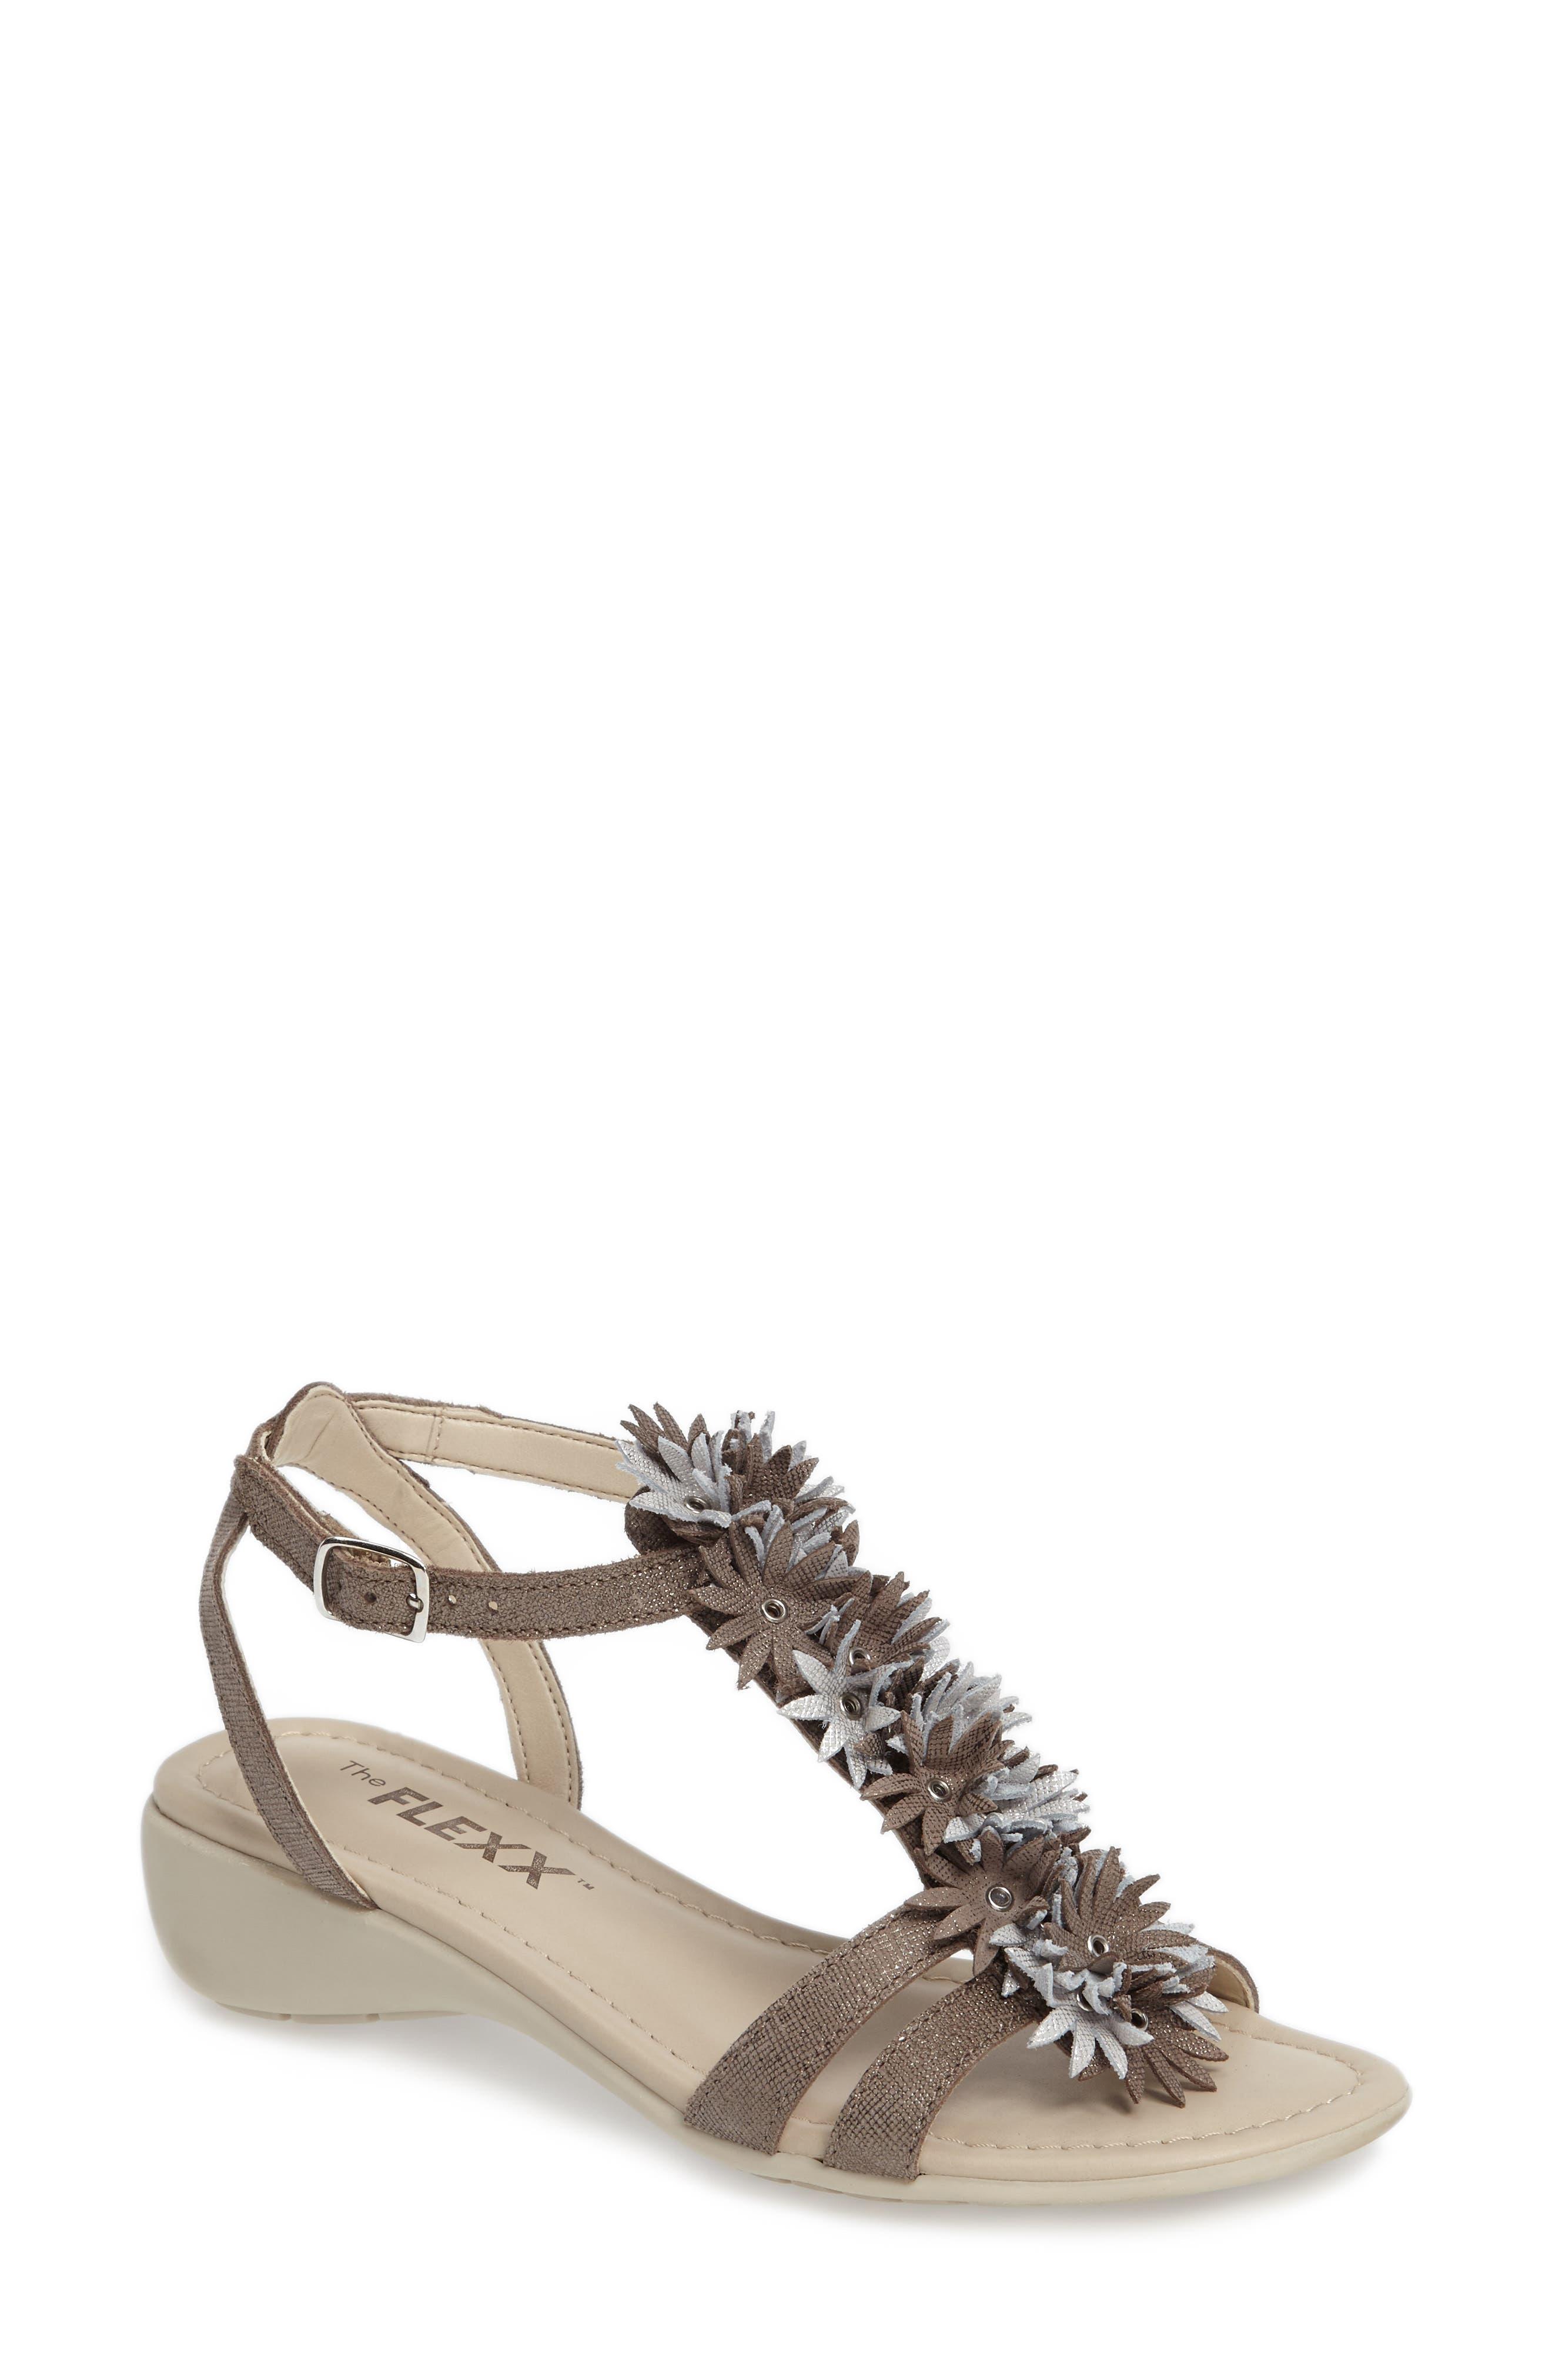 Glad All Over Sandal,                         Main,                         color, Canna Di Fucile/ Silver Fabric